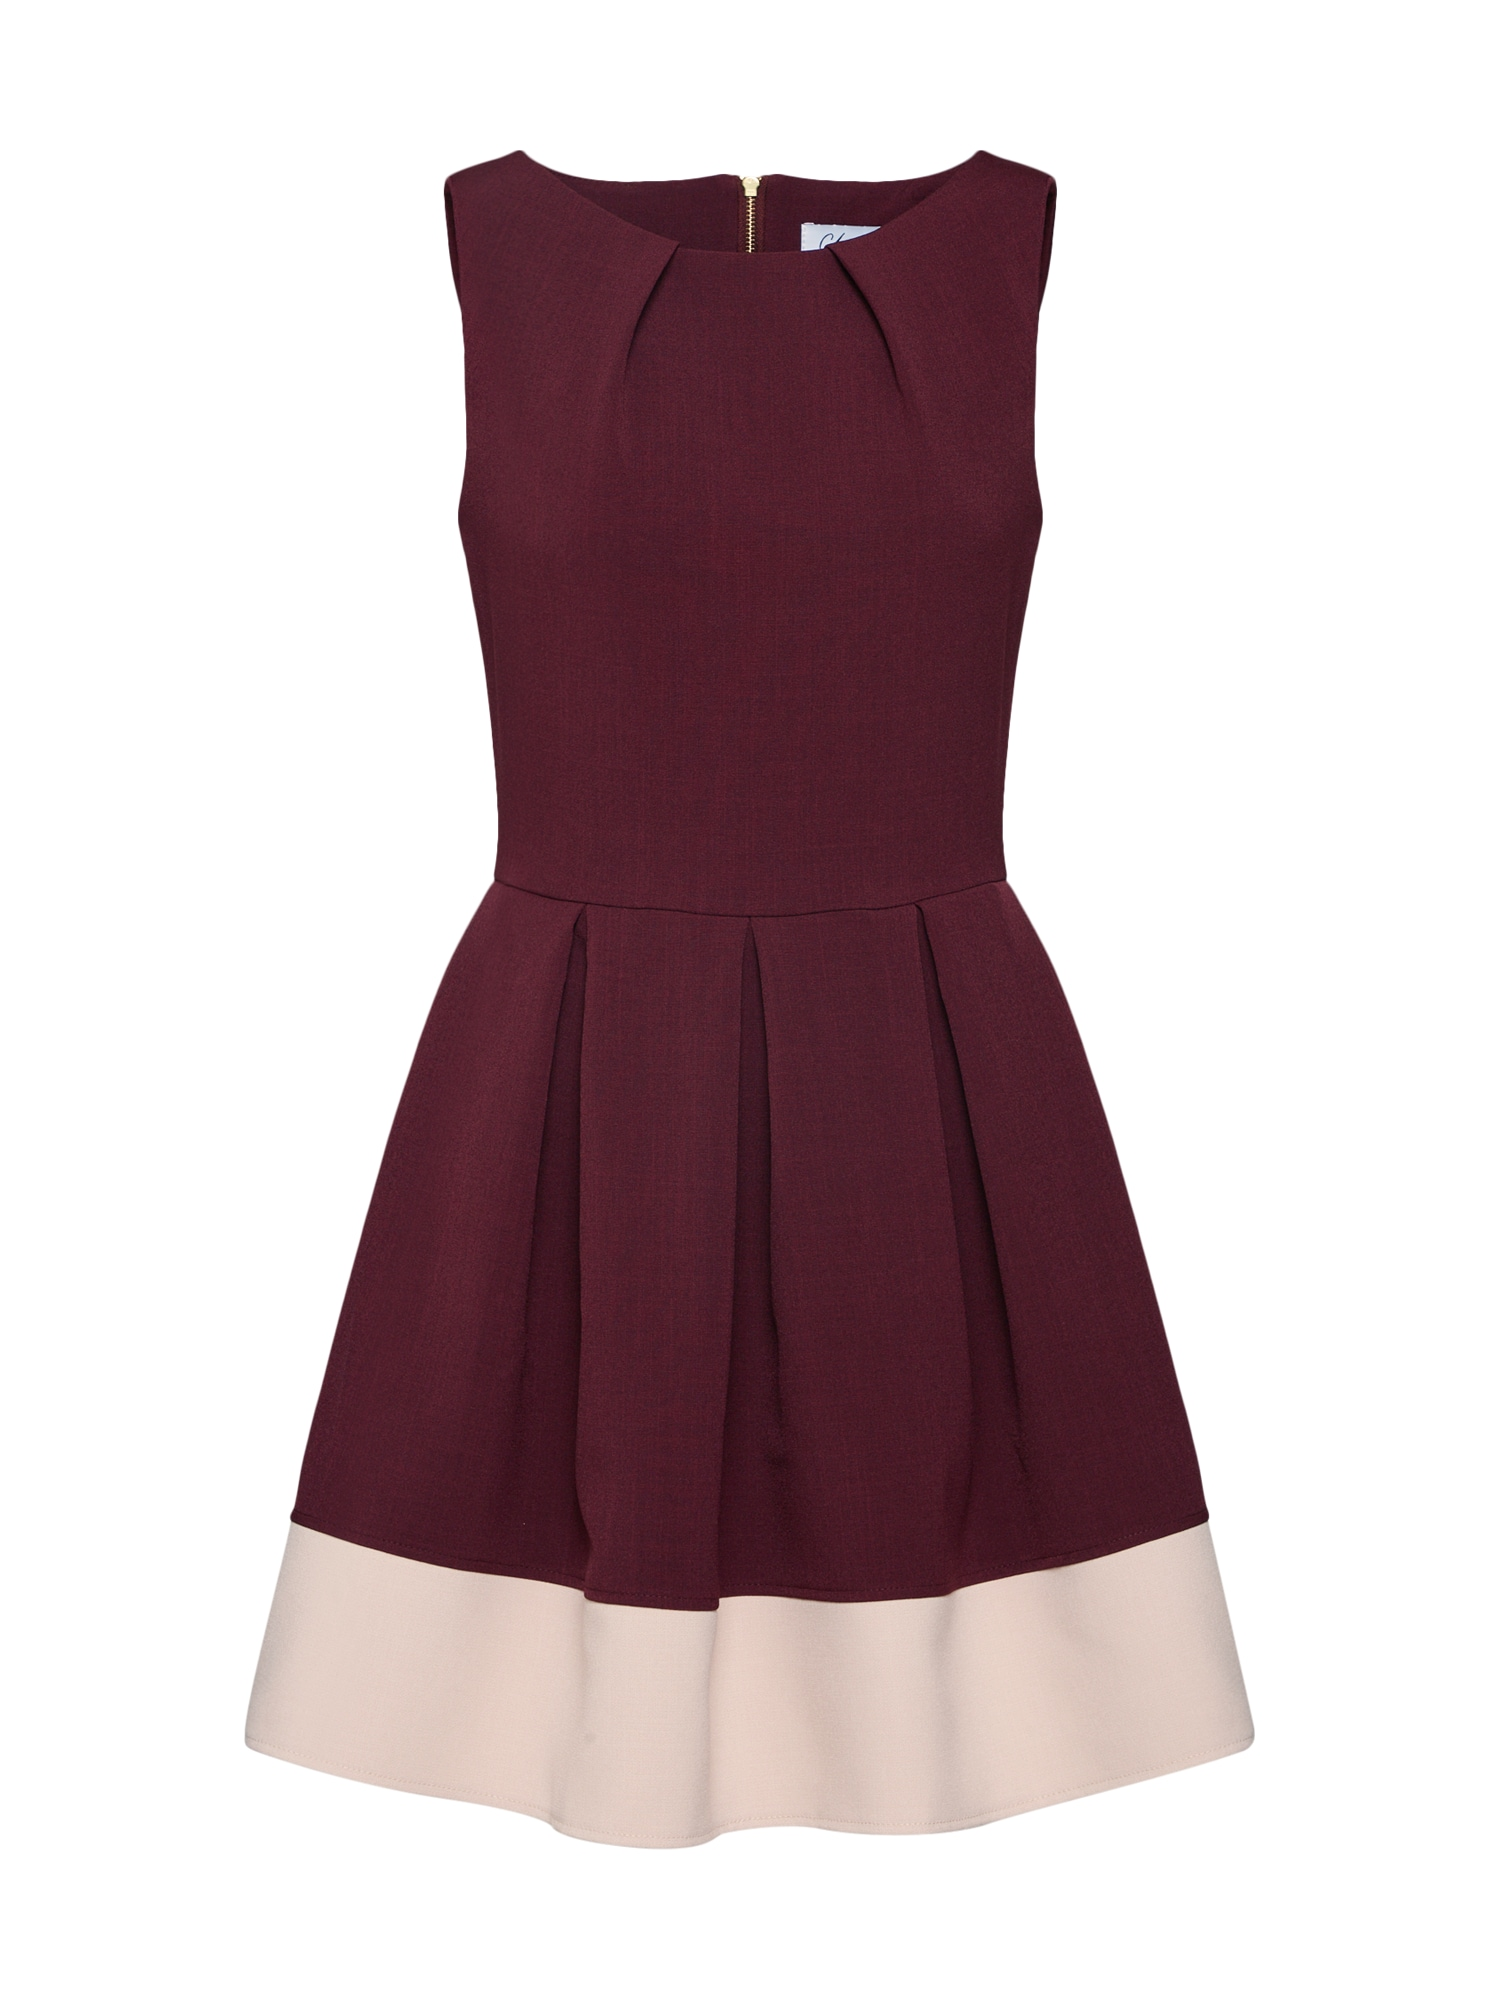 Koktejlové šaty burgundská červeň Closet London